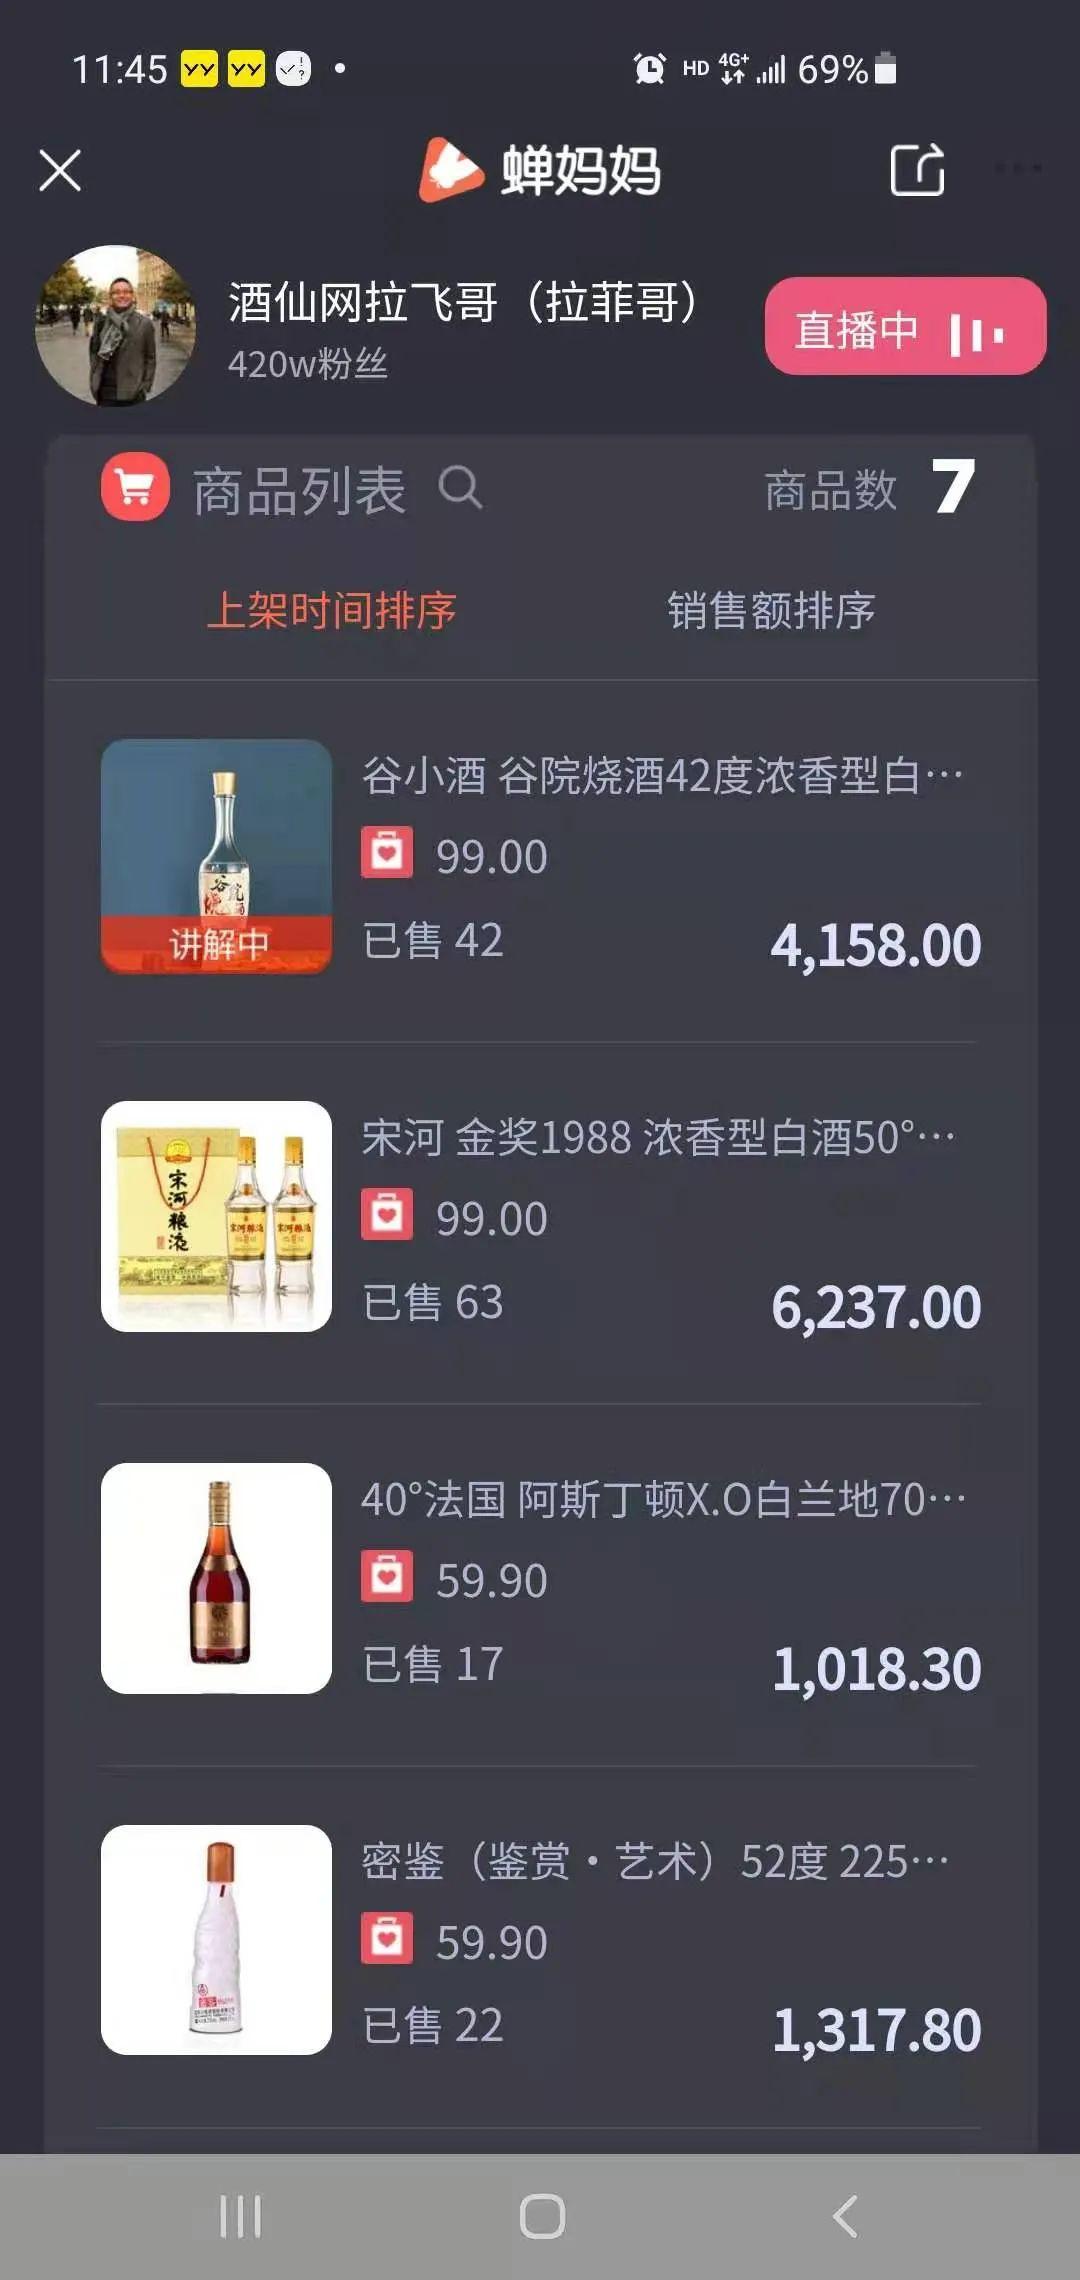 名酒之光,展翅春糖 宋河酒业星耀蓉城,爆发新力量!